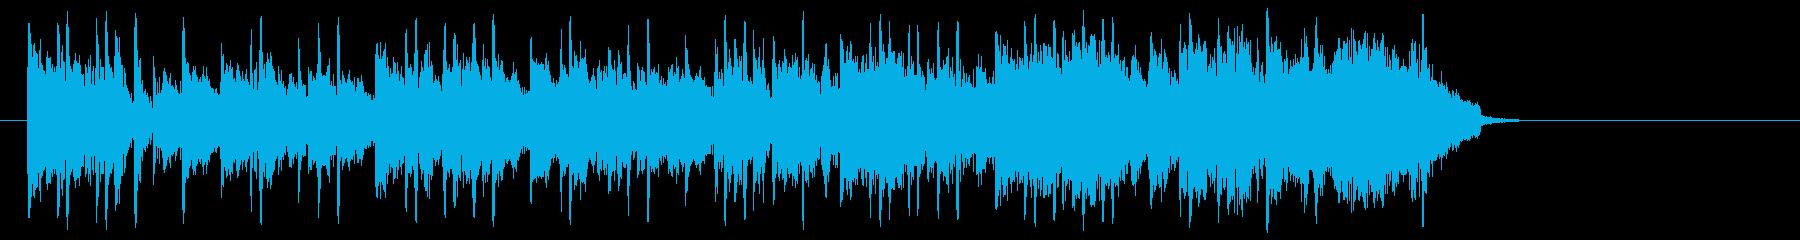 夢に向かう前向きポップ(イントロ~サビ)の再生済みの波形